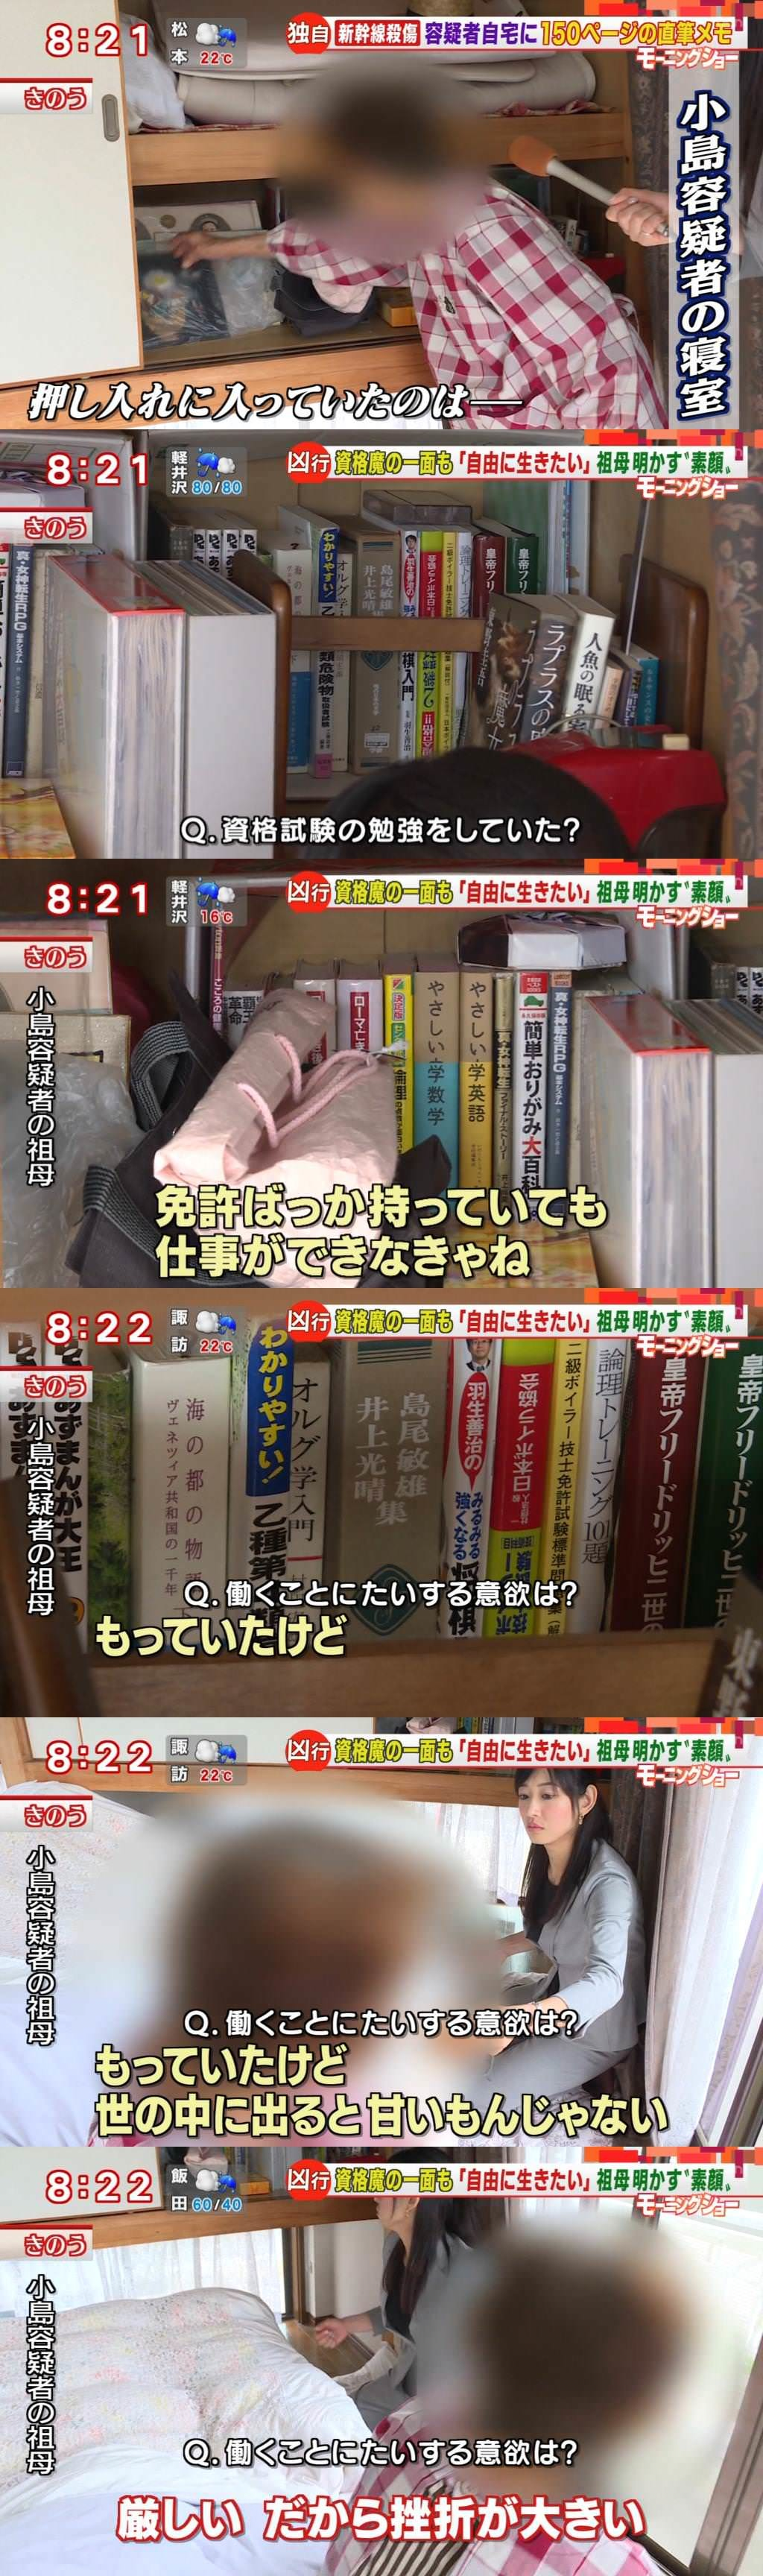 小島容疑者の本棚はパヨクだらけの本